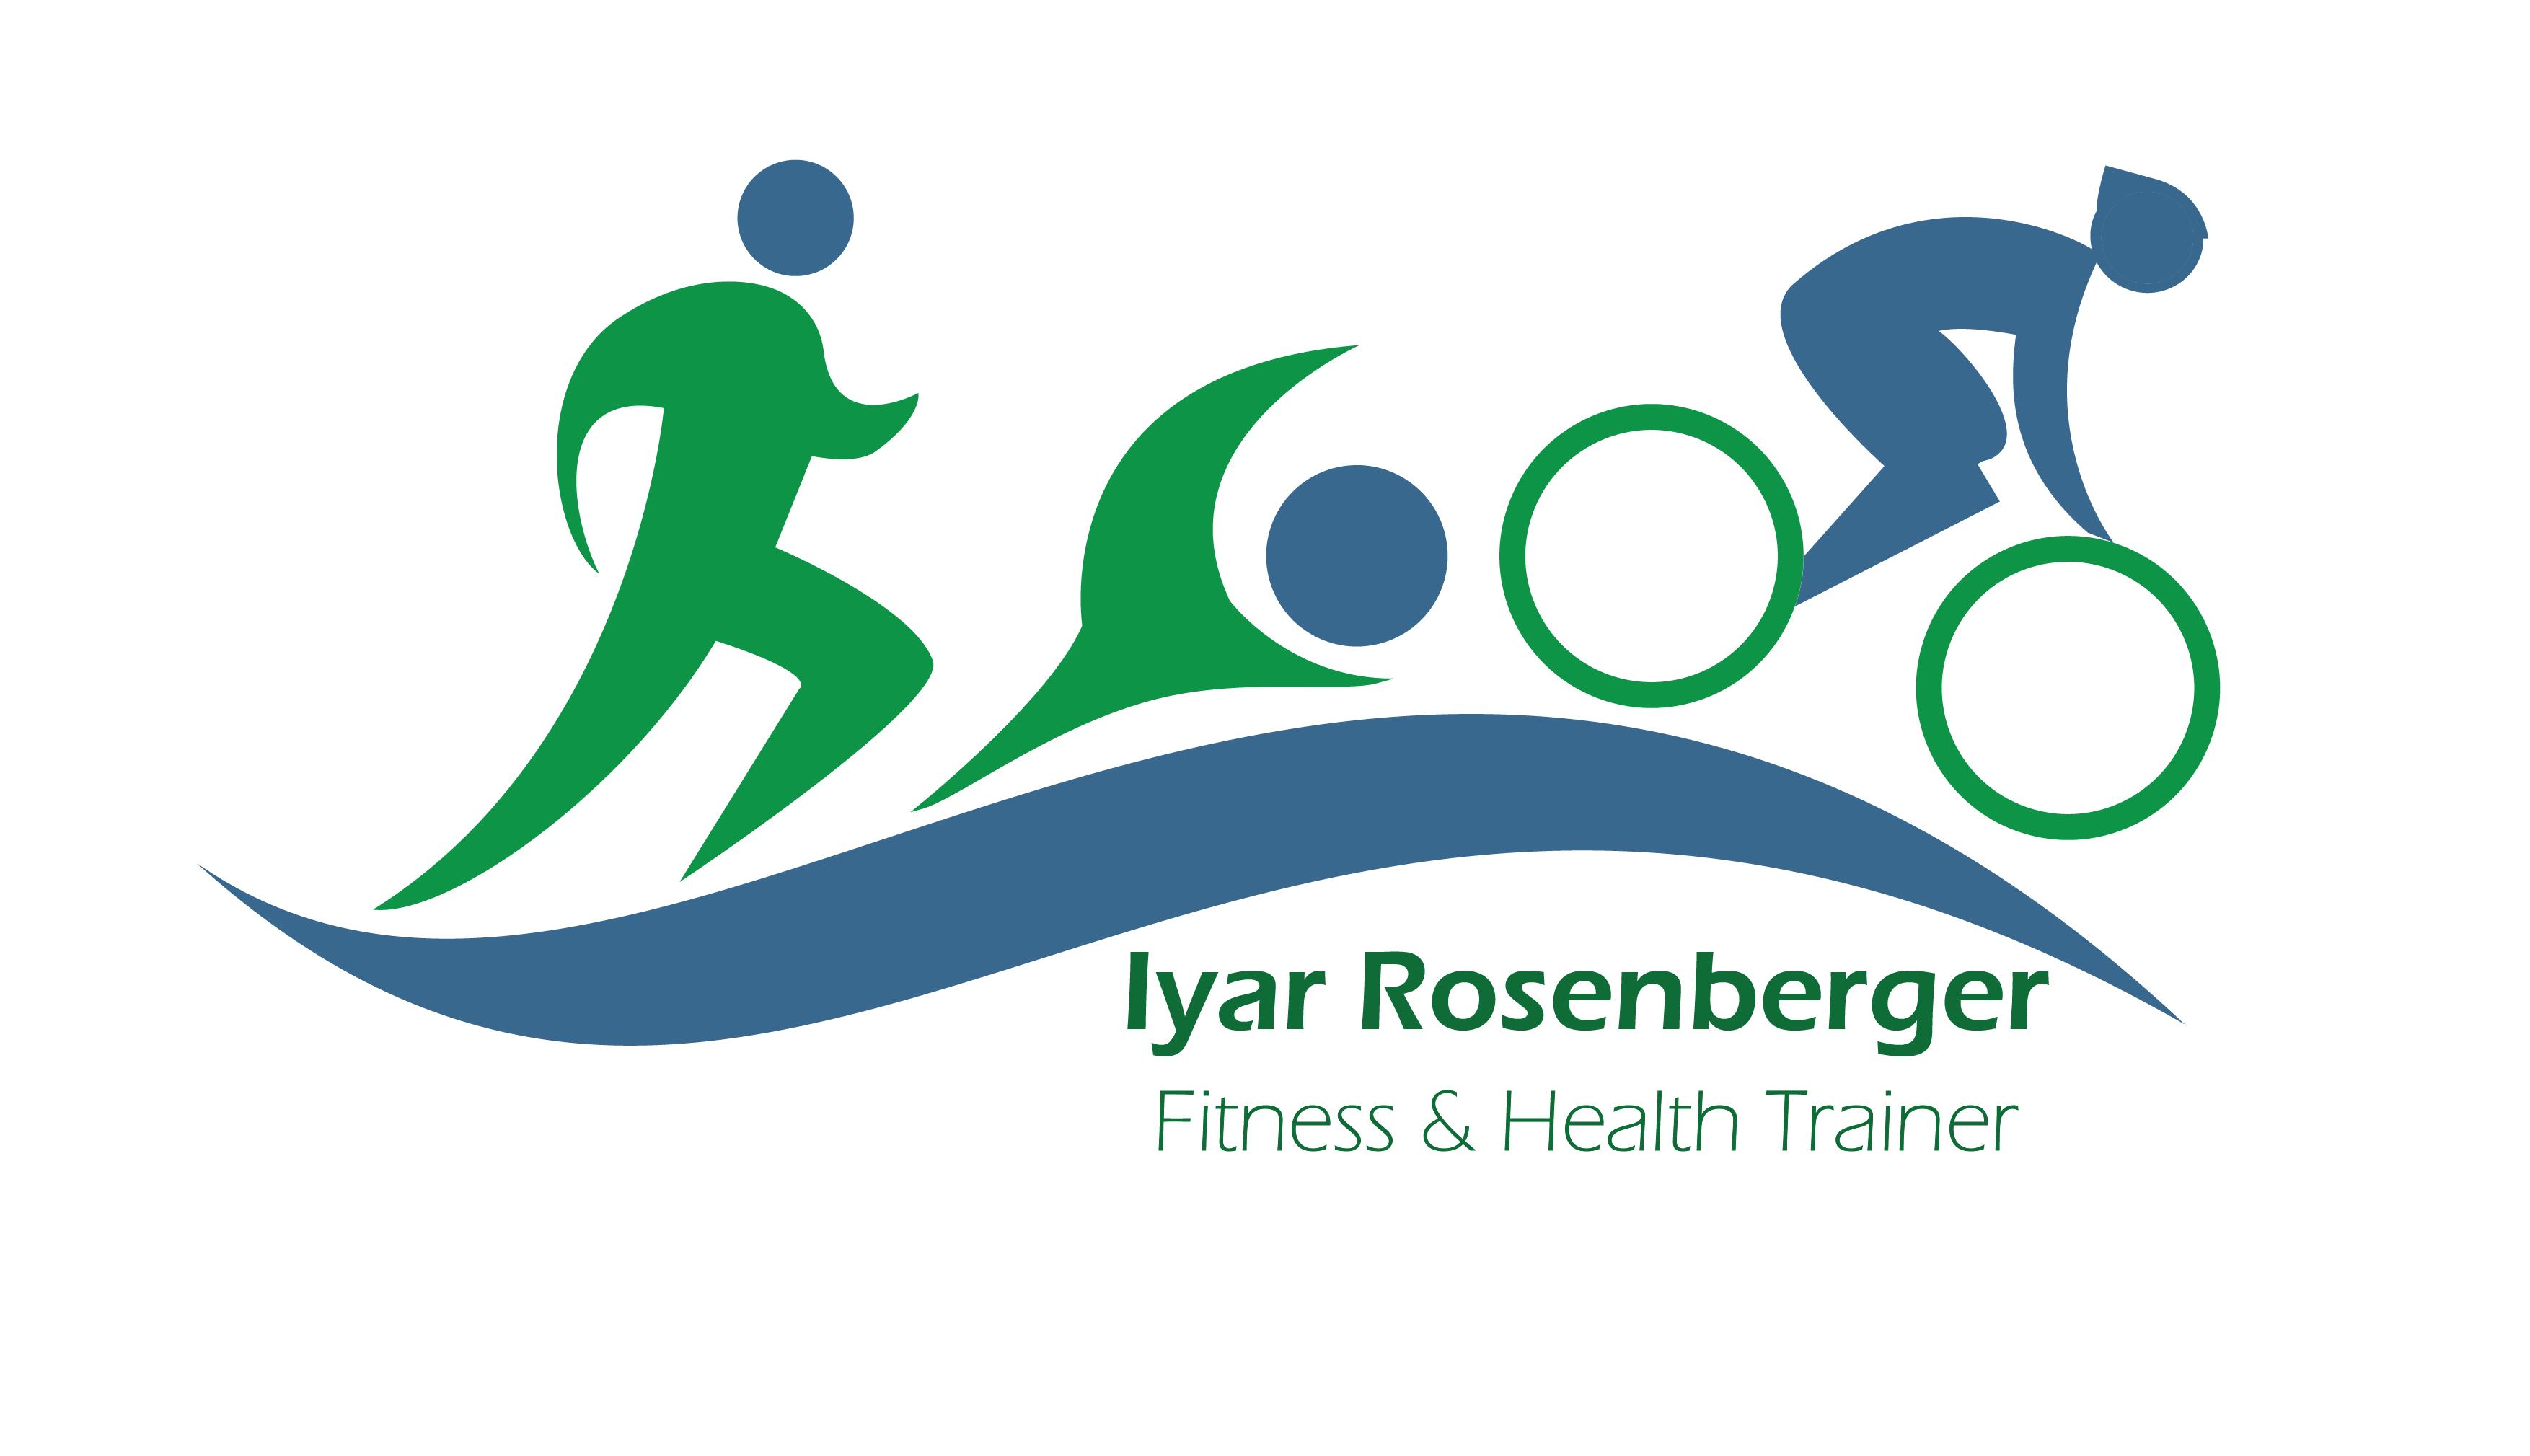 Iyar Rosenberger